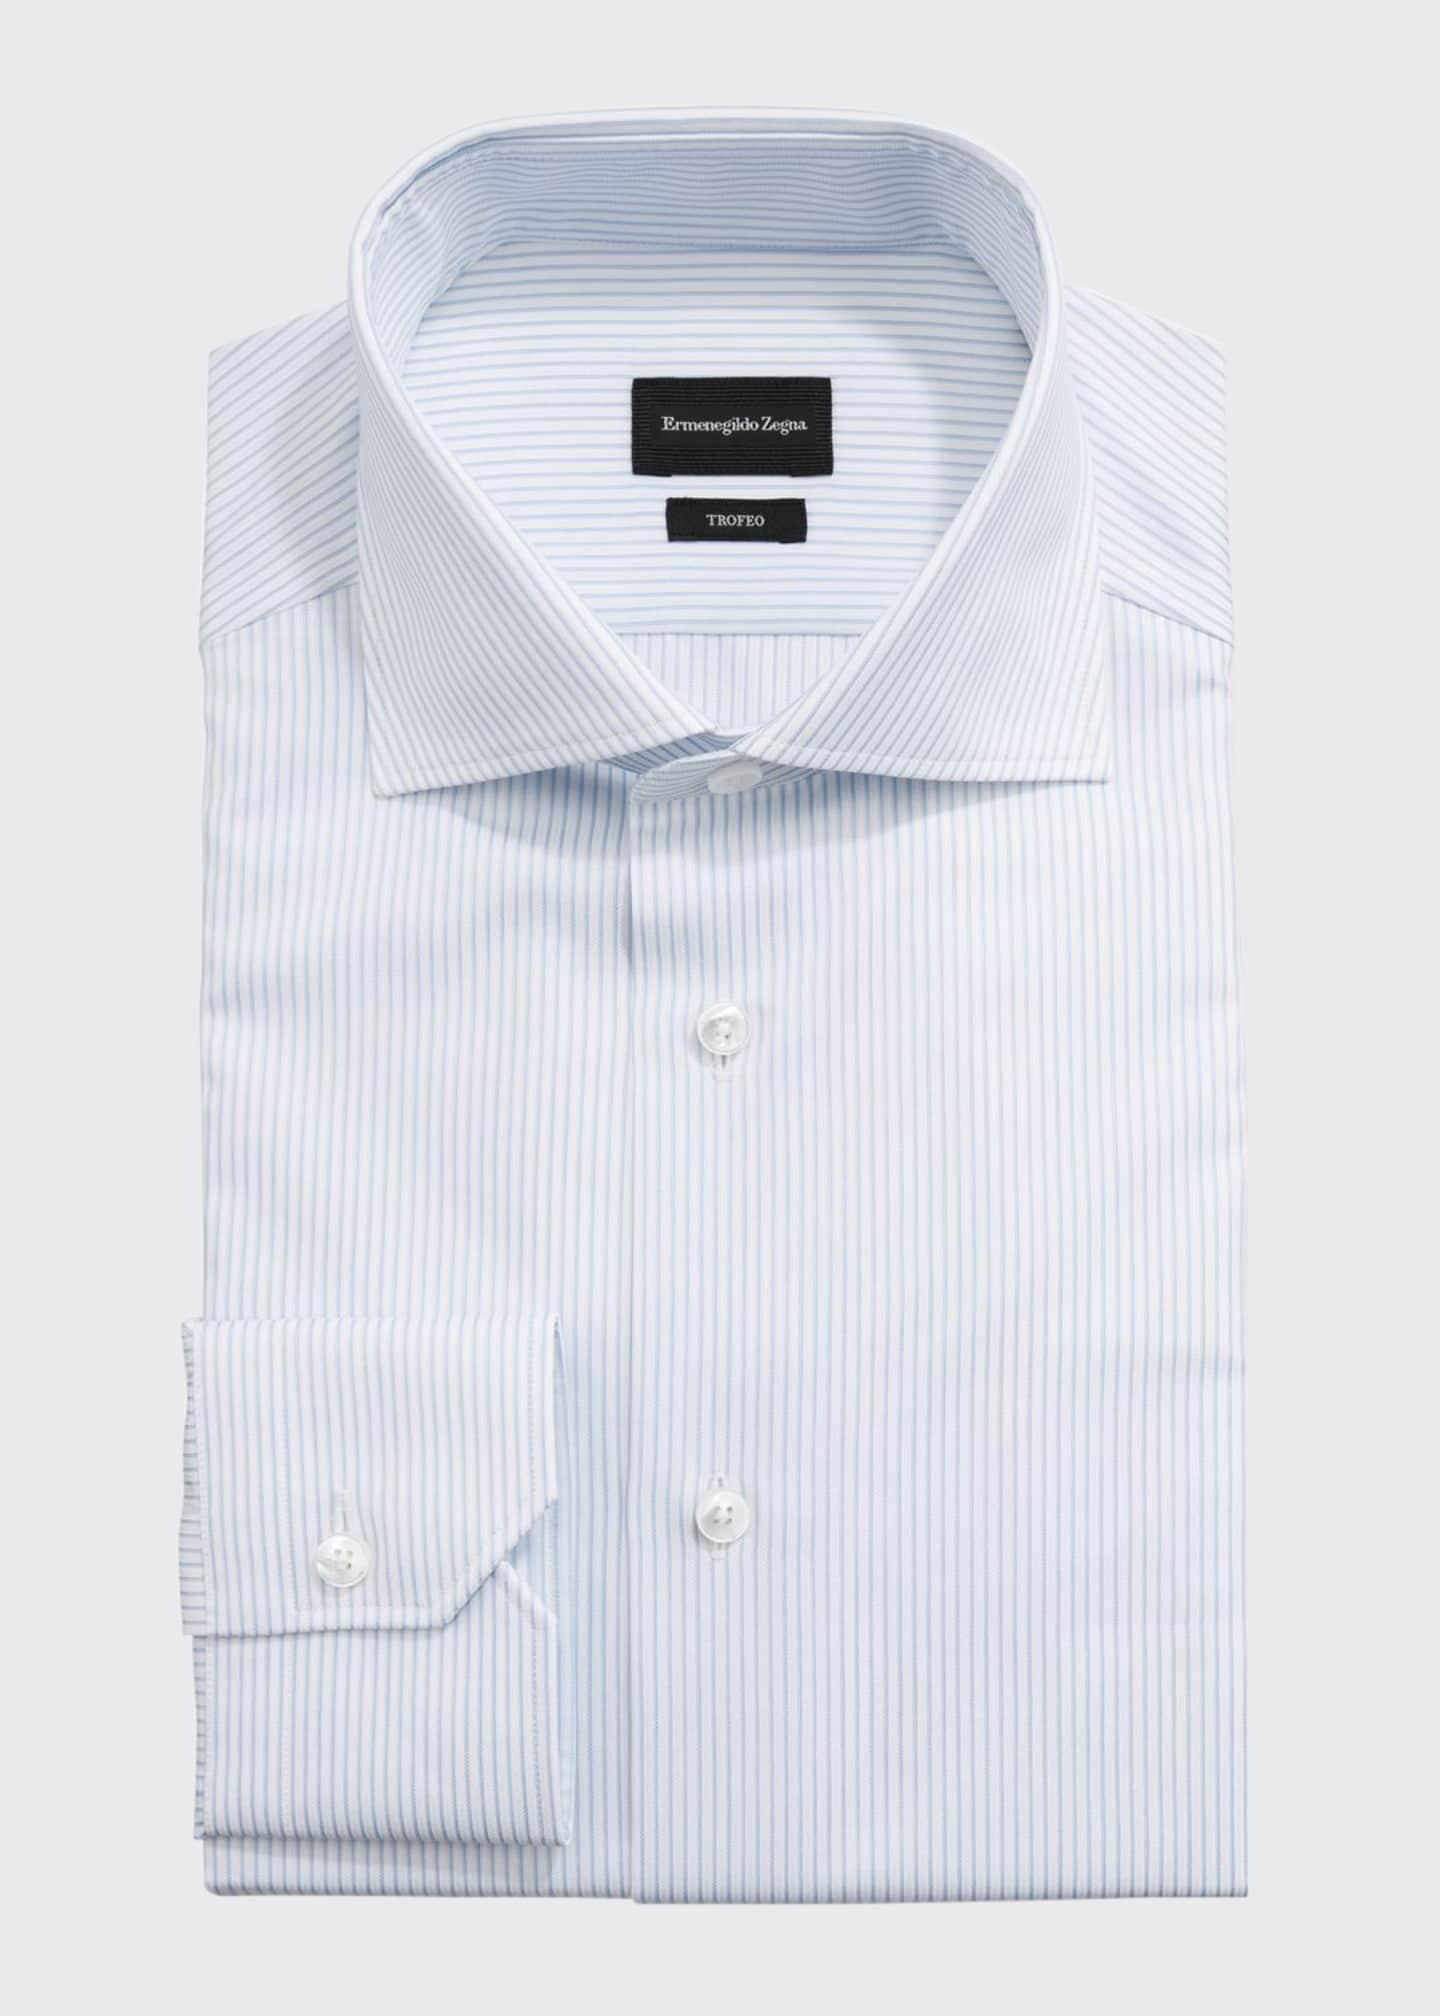 Ermenegildo Zegna Men's Striped Dress Shirt